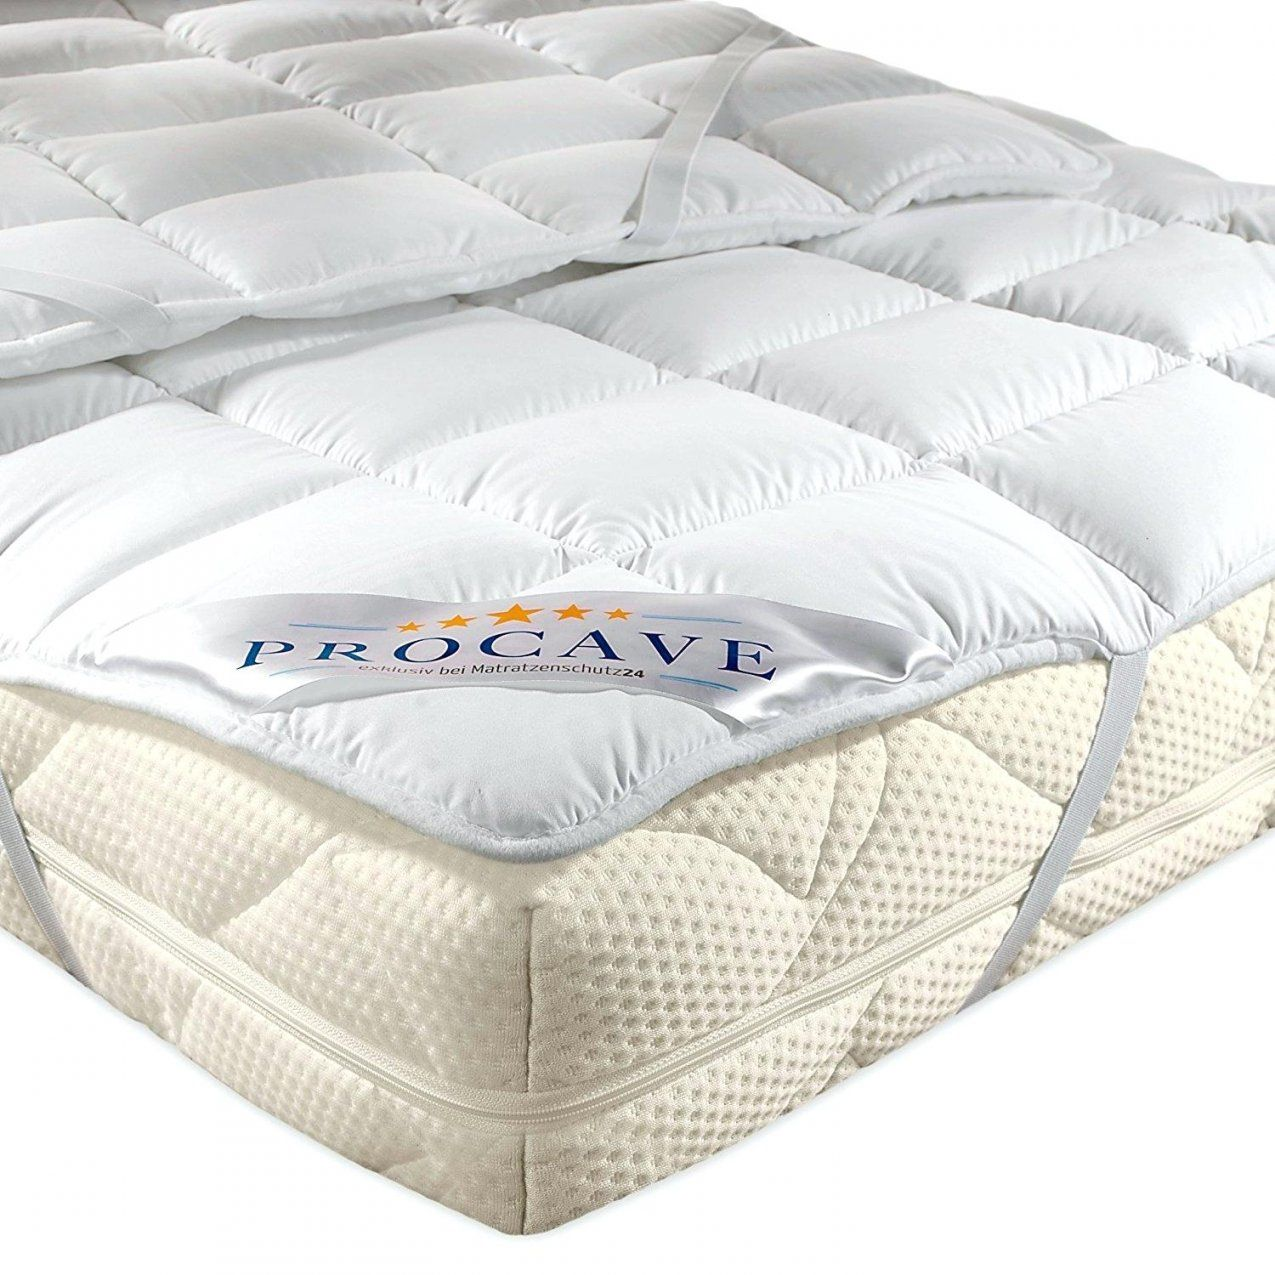 sch n dormia matratzen bilder von matratze design 264391. Black Bedroom Furniture Sets. Home Design Ideas